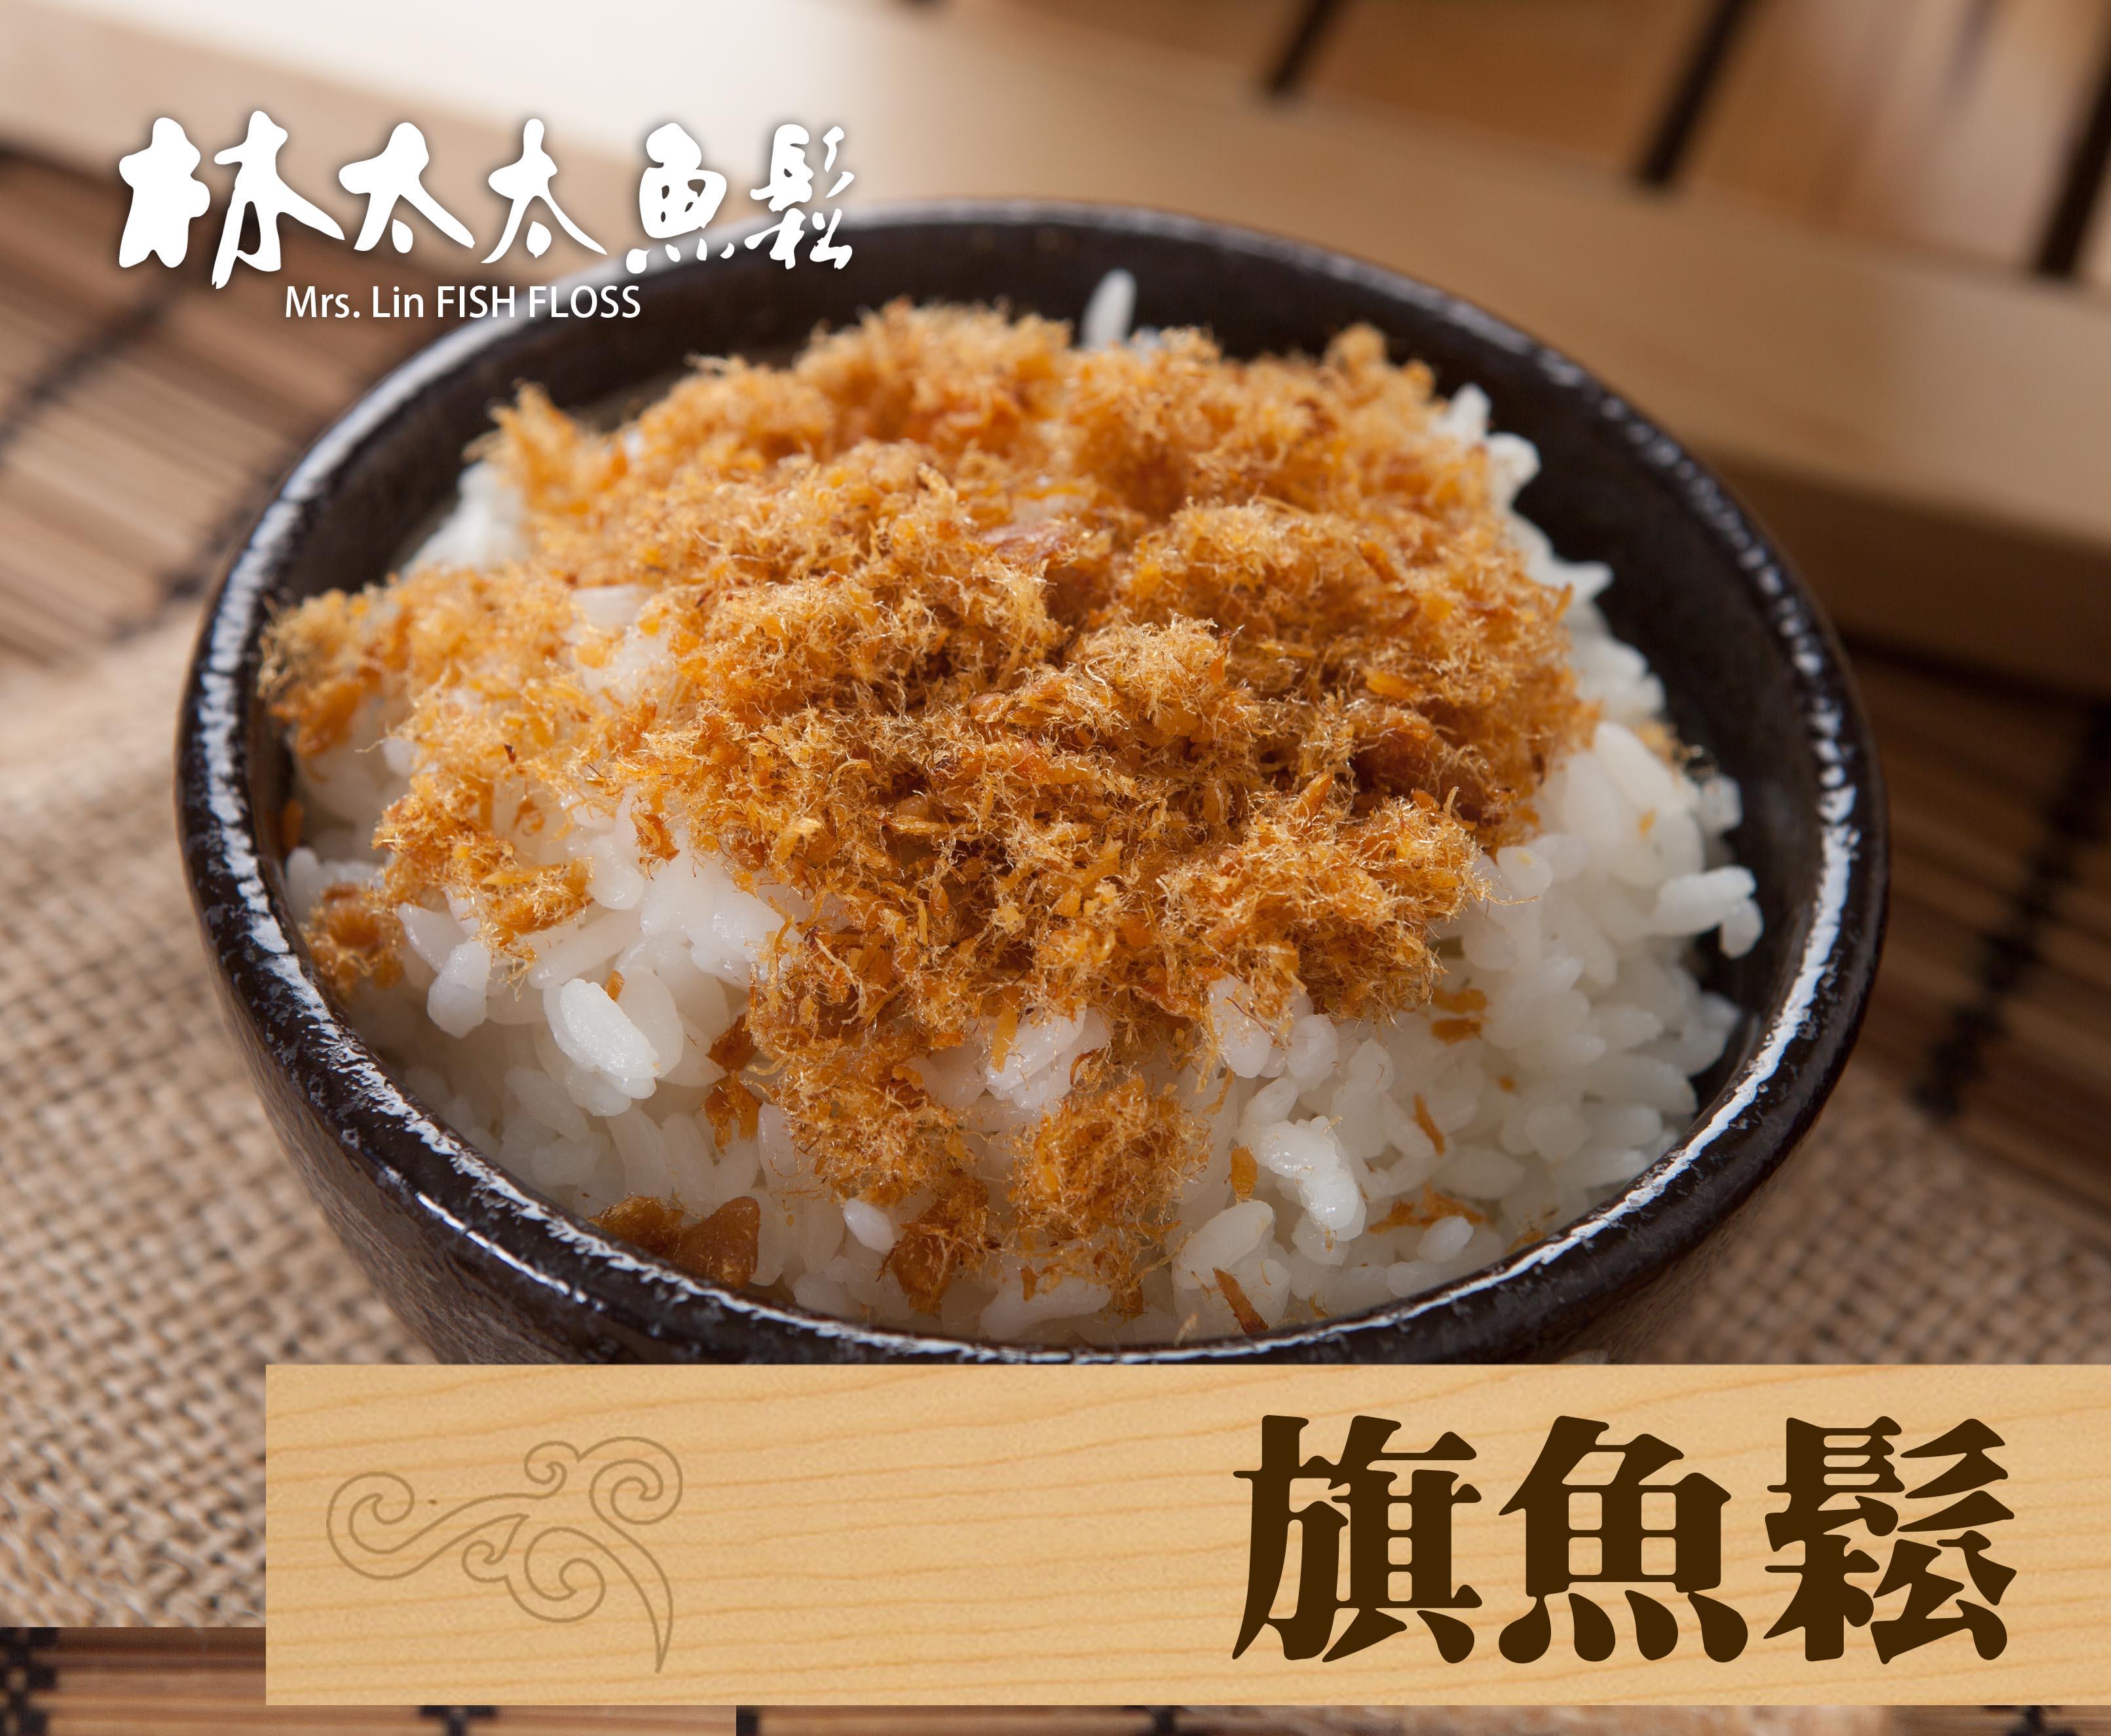 旗魚鬆 600g  林太太魚鬆專賣